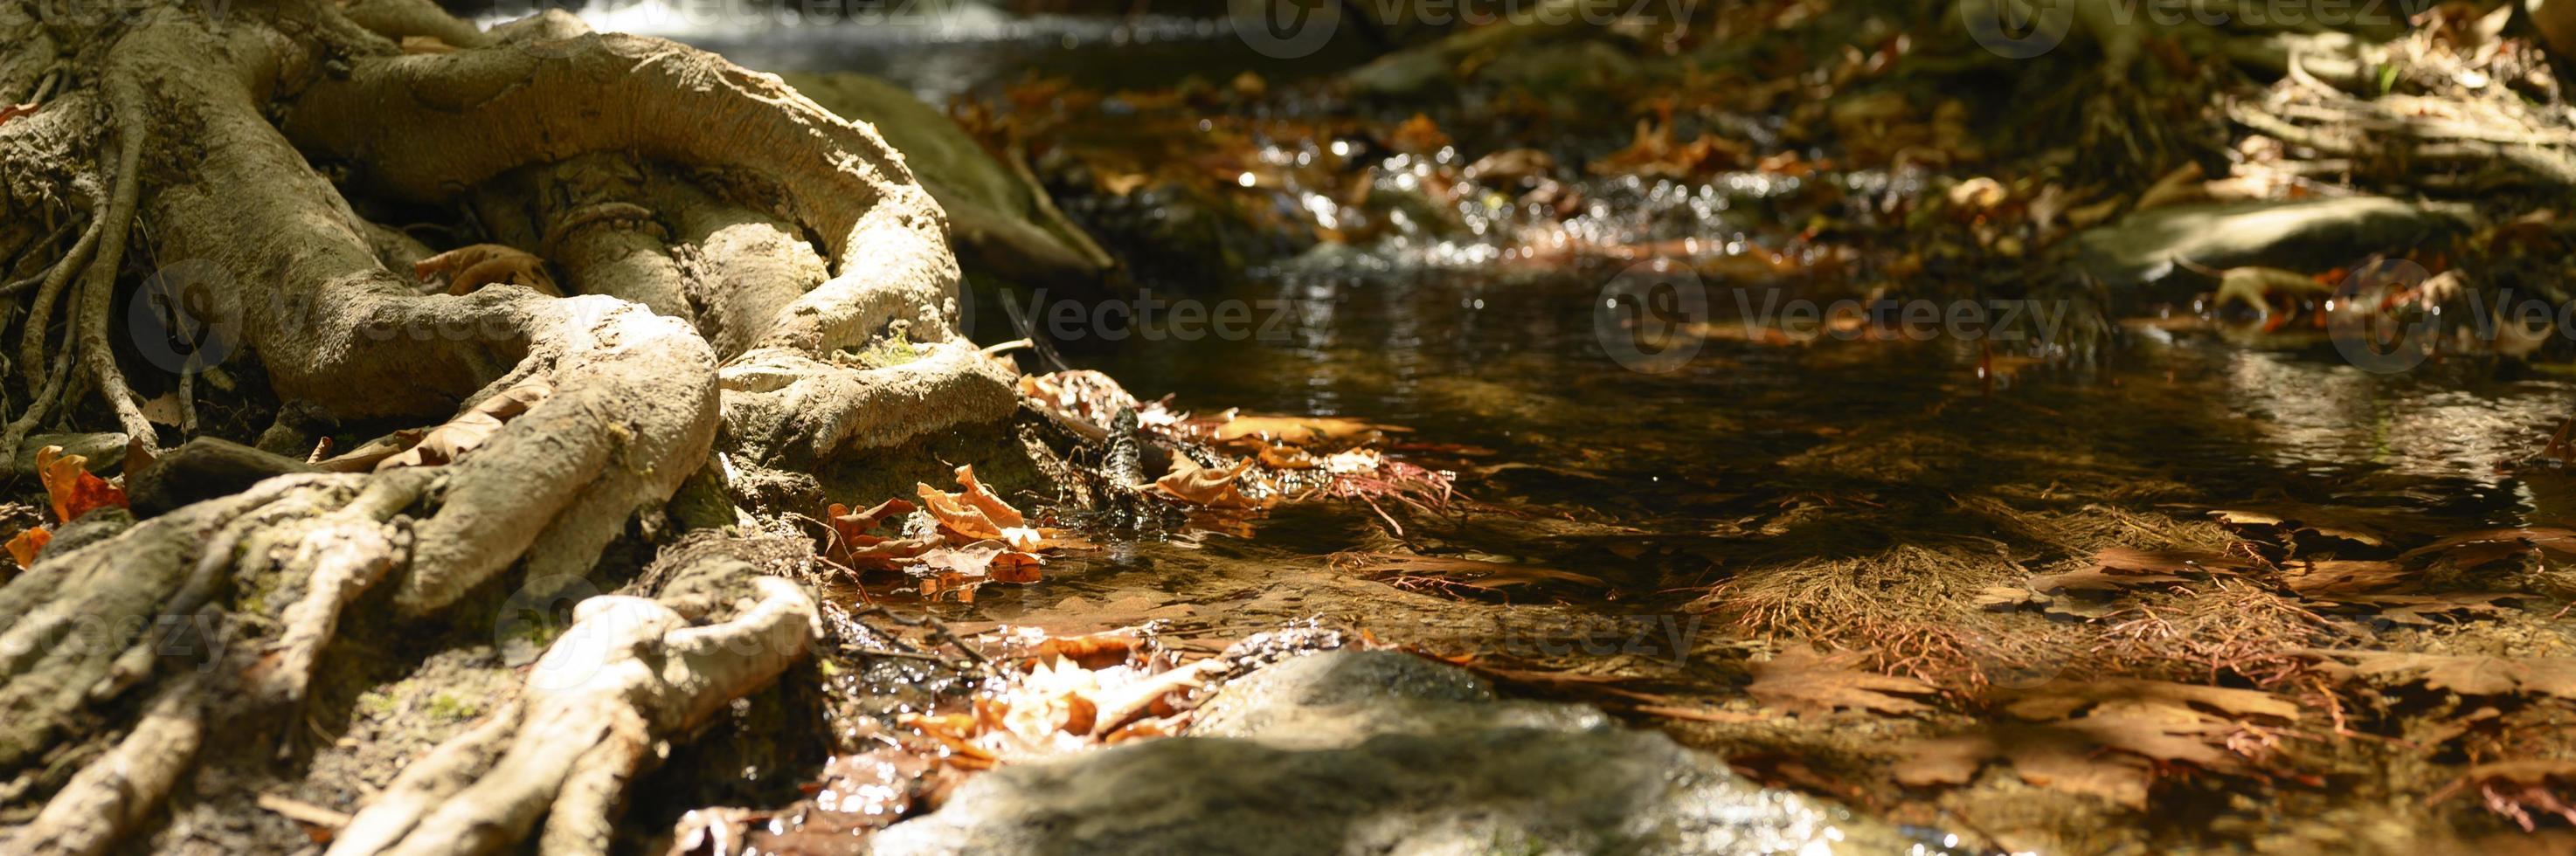 un ruscello che attraversa le radici nude degli alberi in una rupe rocciosa e le foglie autunnali cadute foto